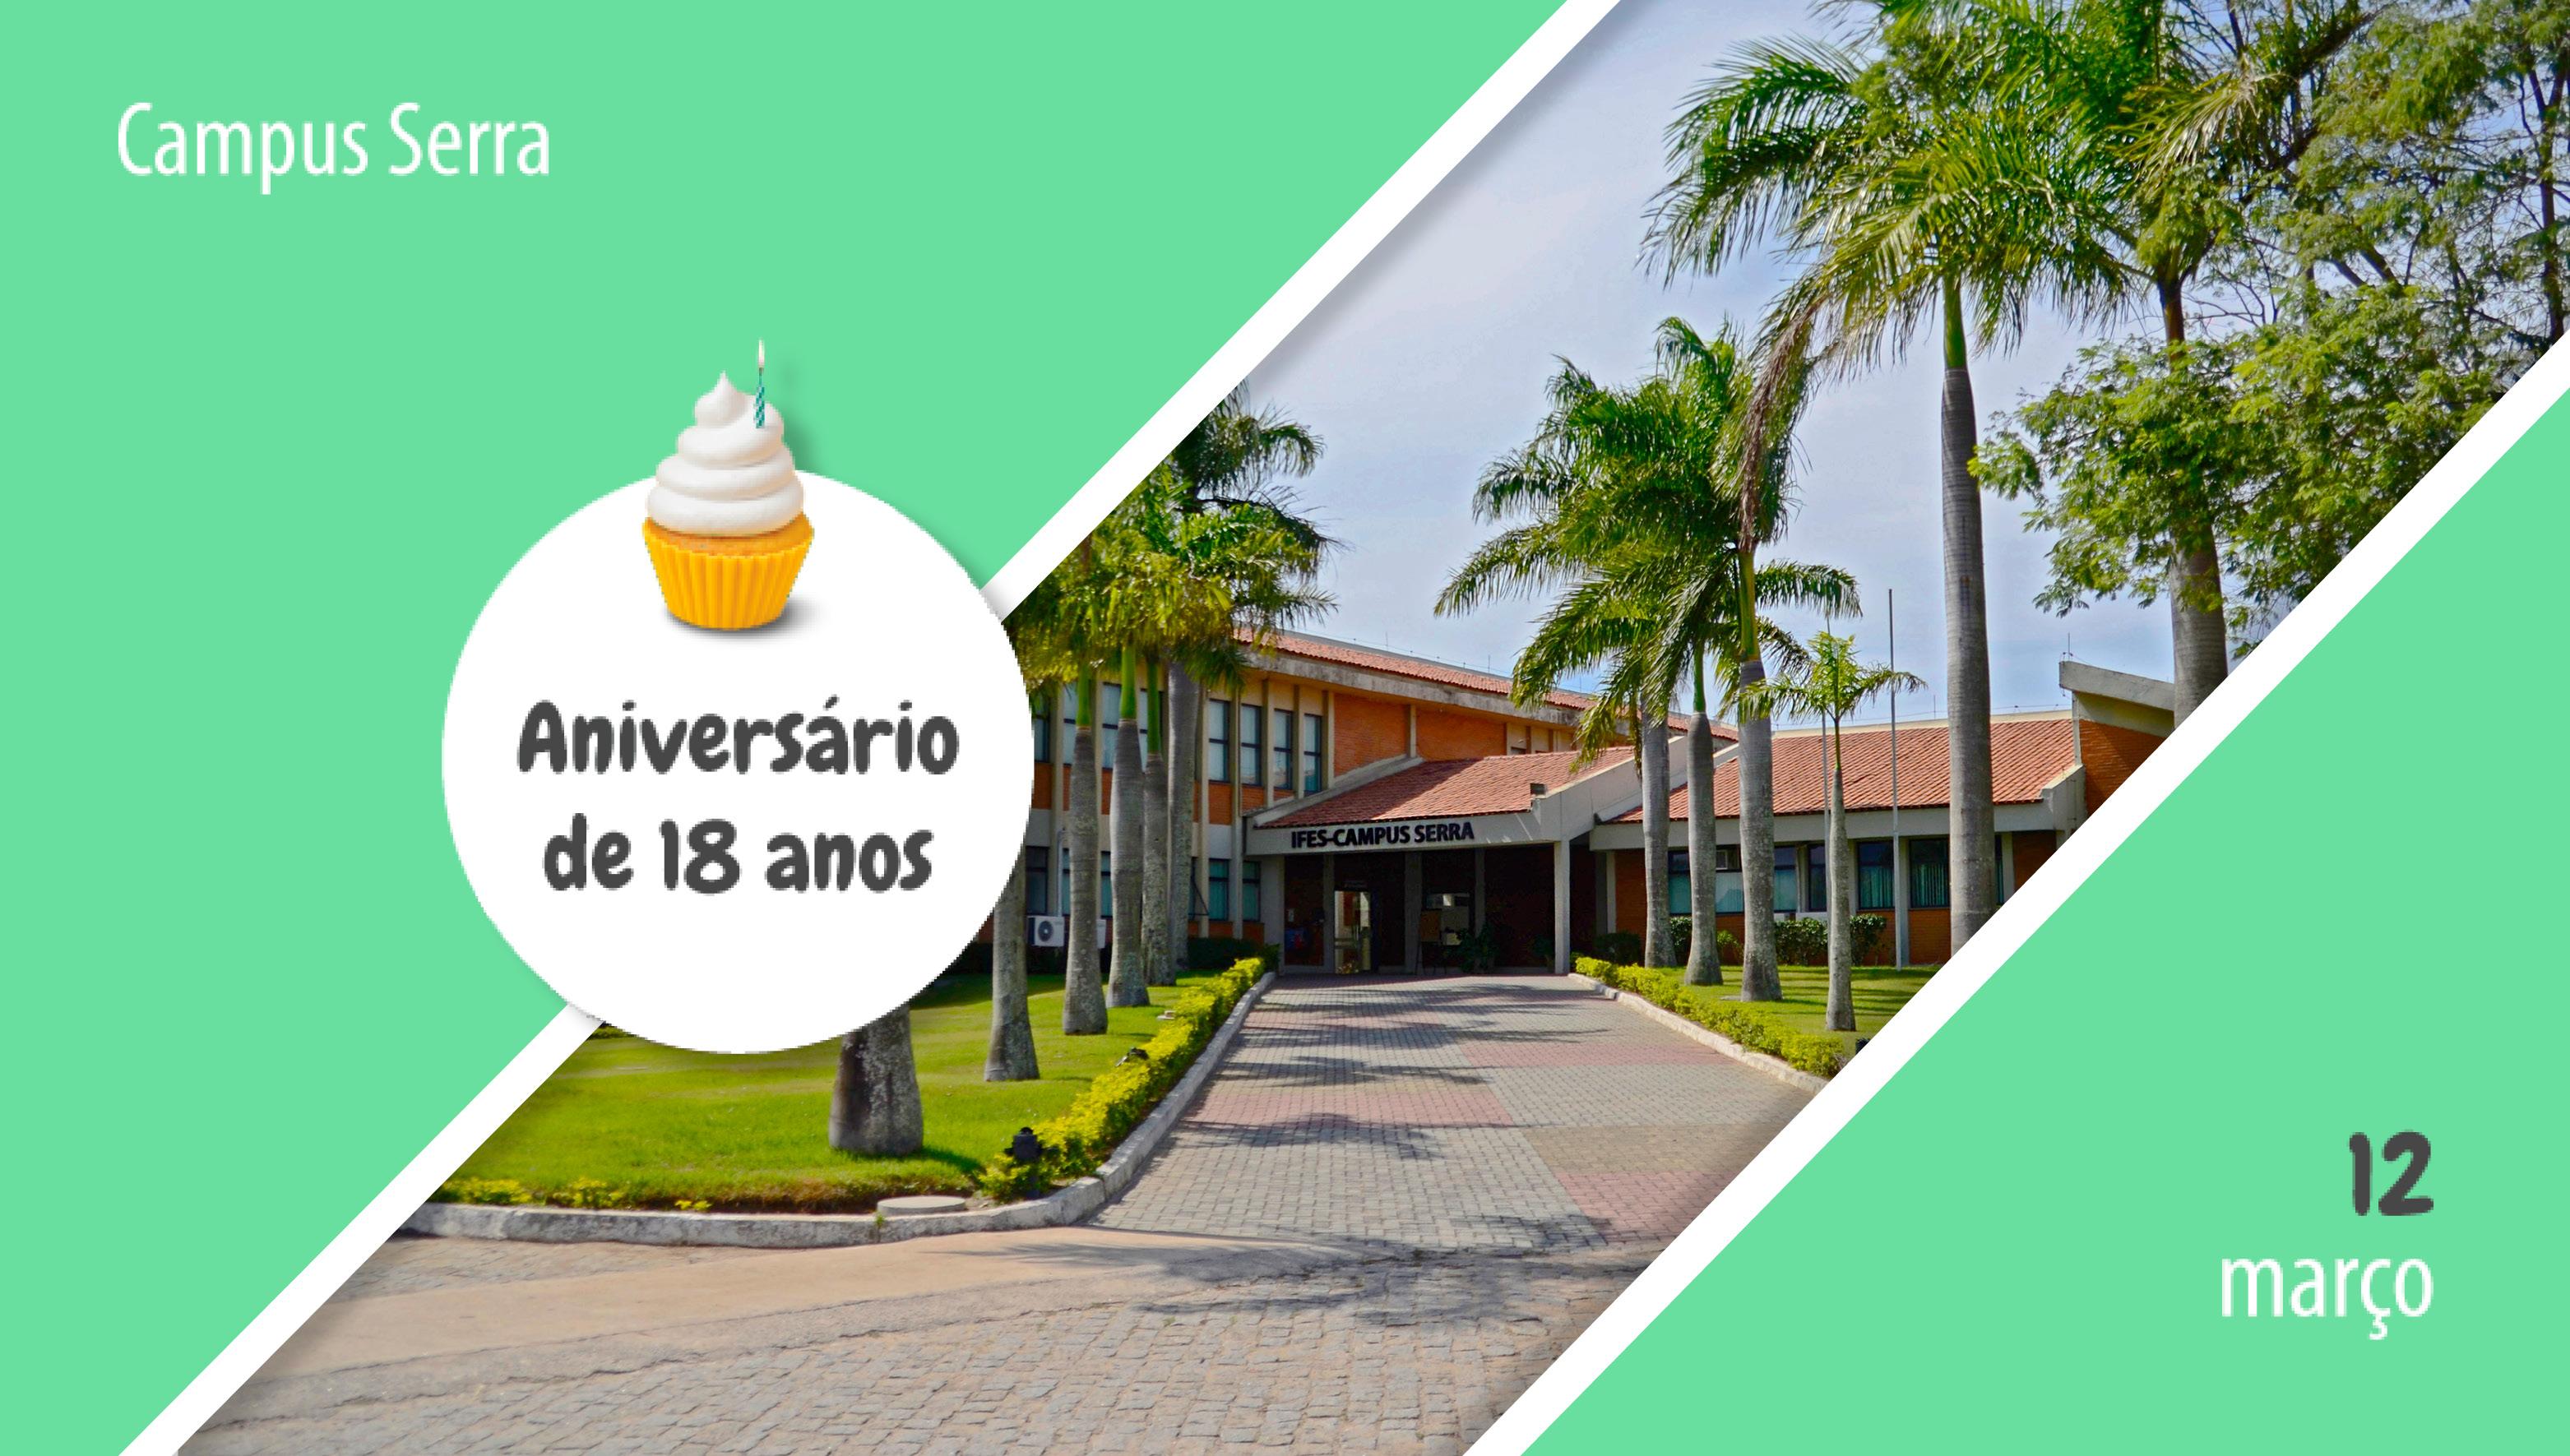 Campus Serra faz 18 anos de existência